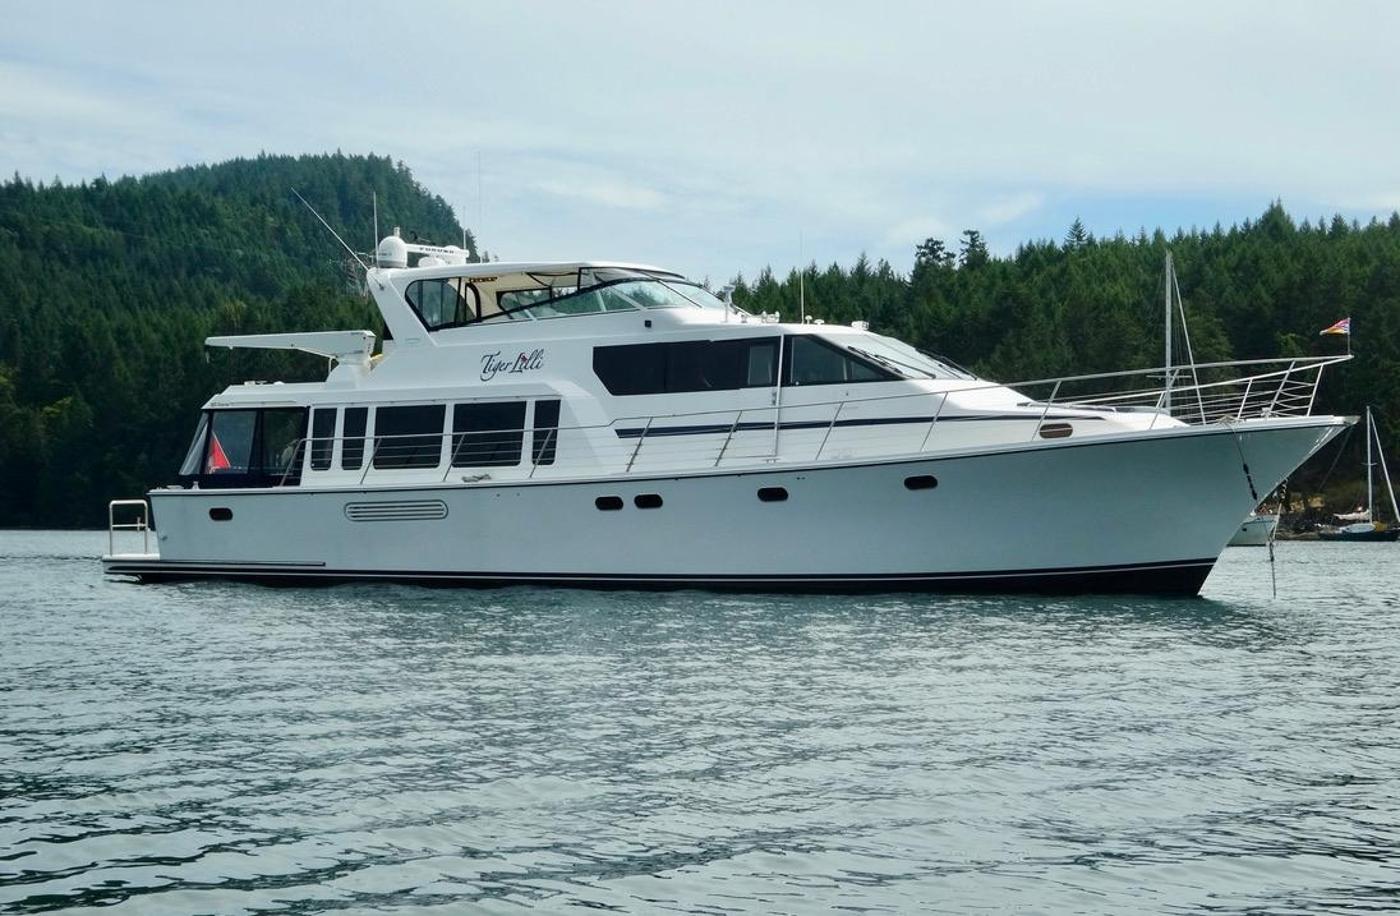 2004 Pacific Mariner 65 Diamond, At anchor